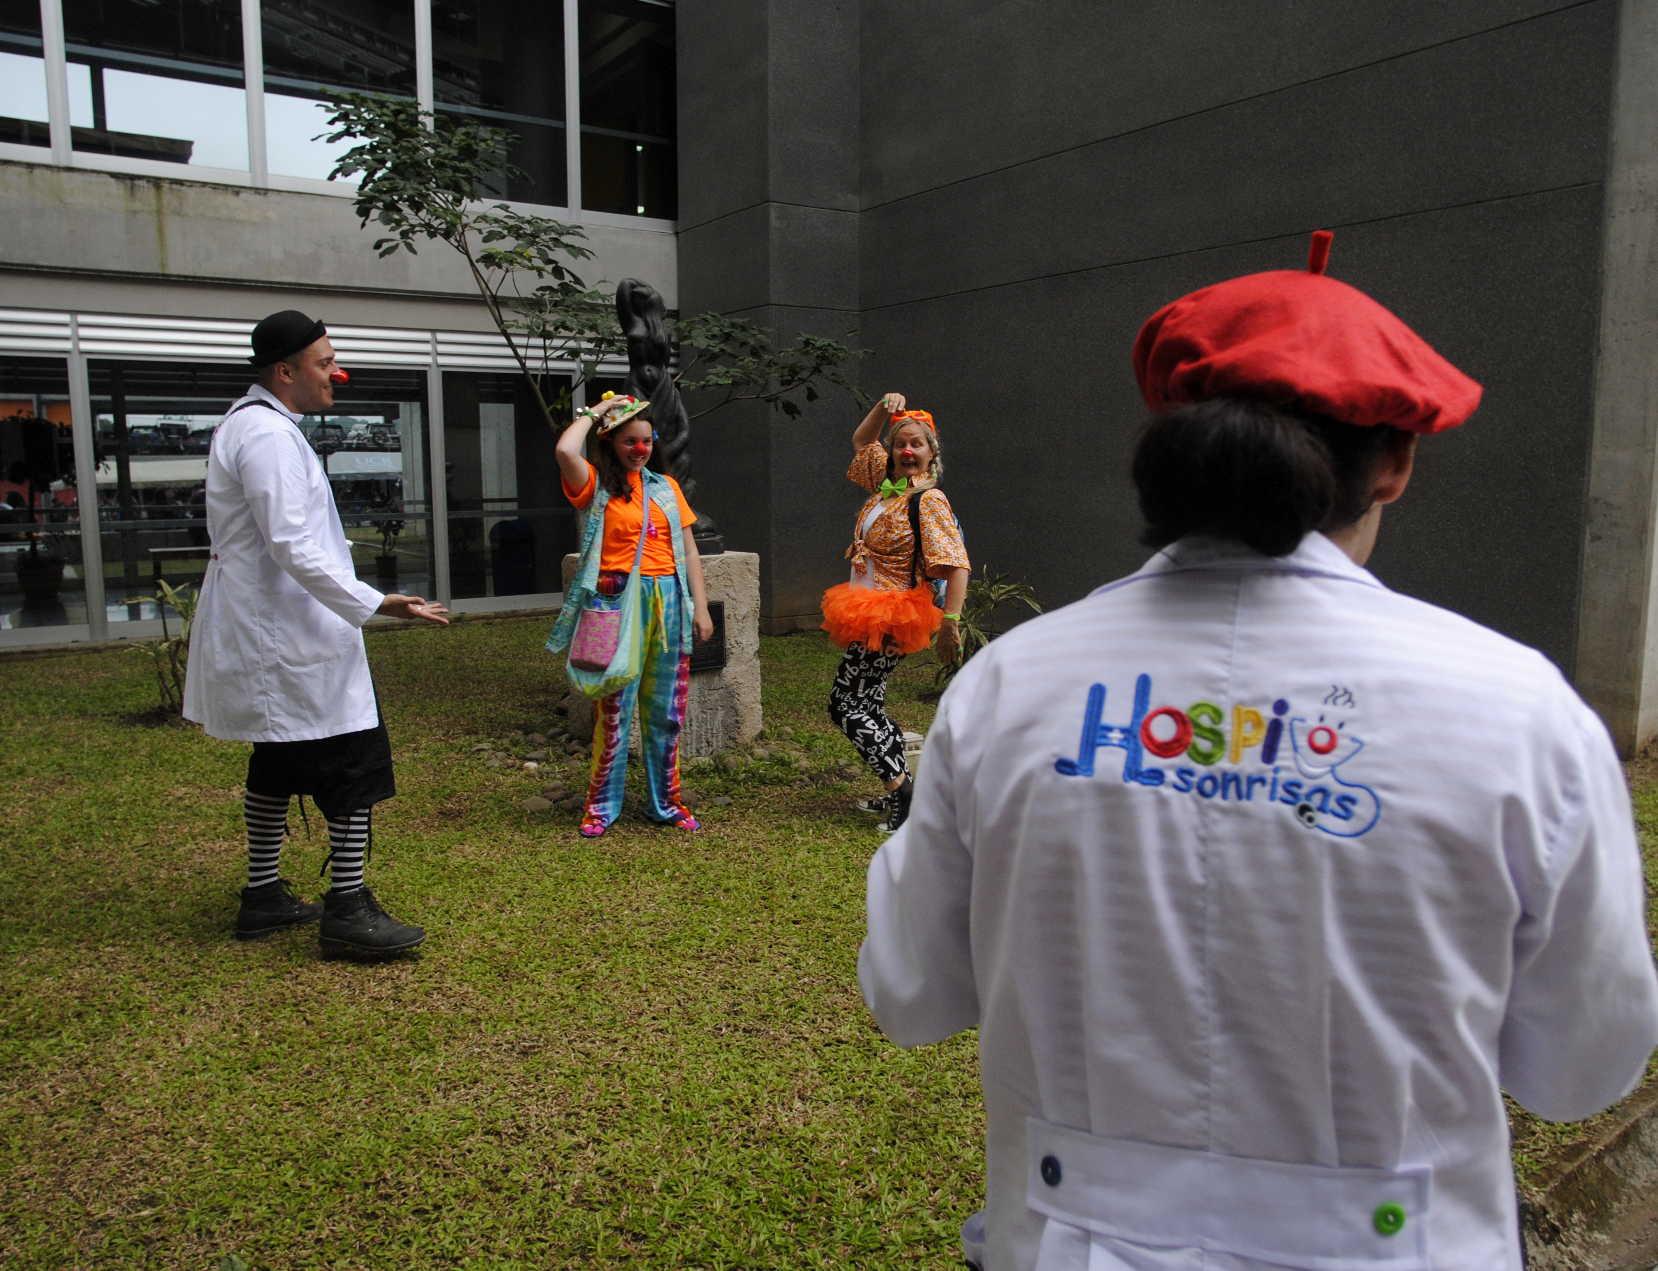 Pasacalles bajo el marco de la visita del Dr Hunter Patch Adams, con miembros del Instituto Gesundheit, hospisonrisas y estudiantes de Artes Dramáticas